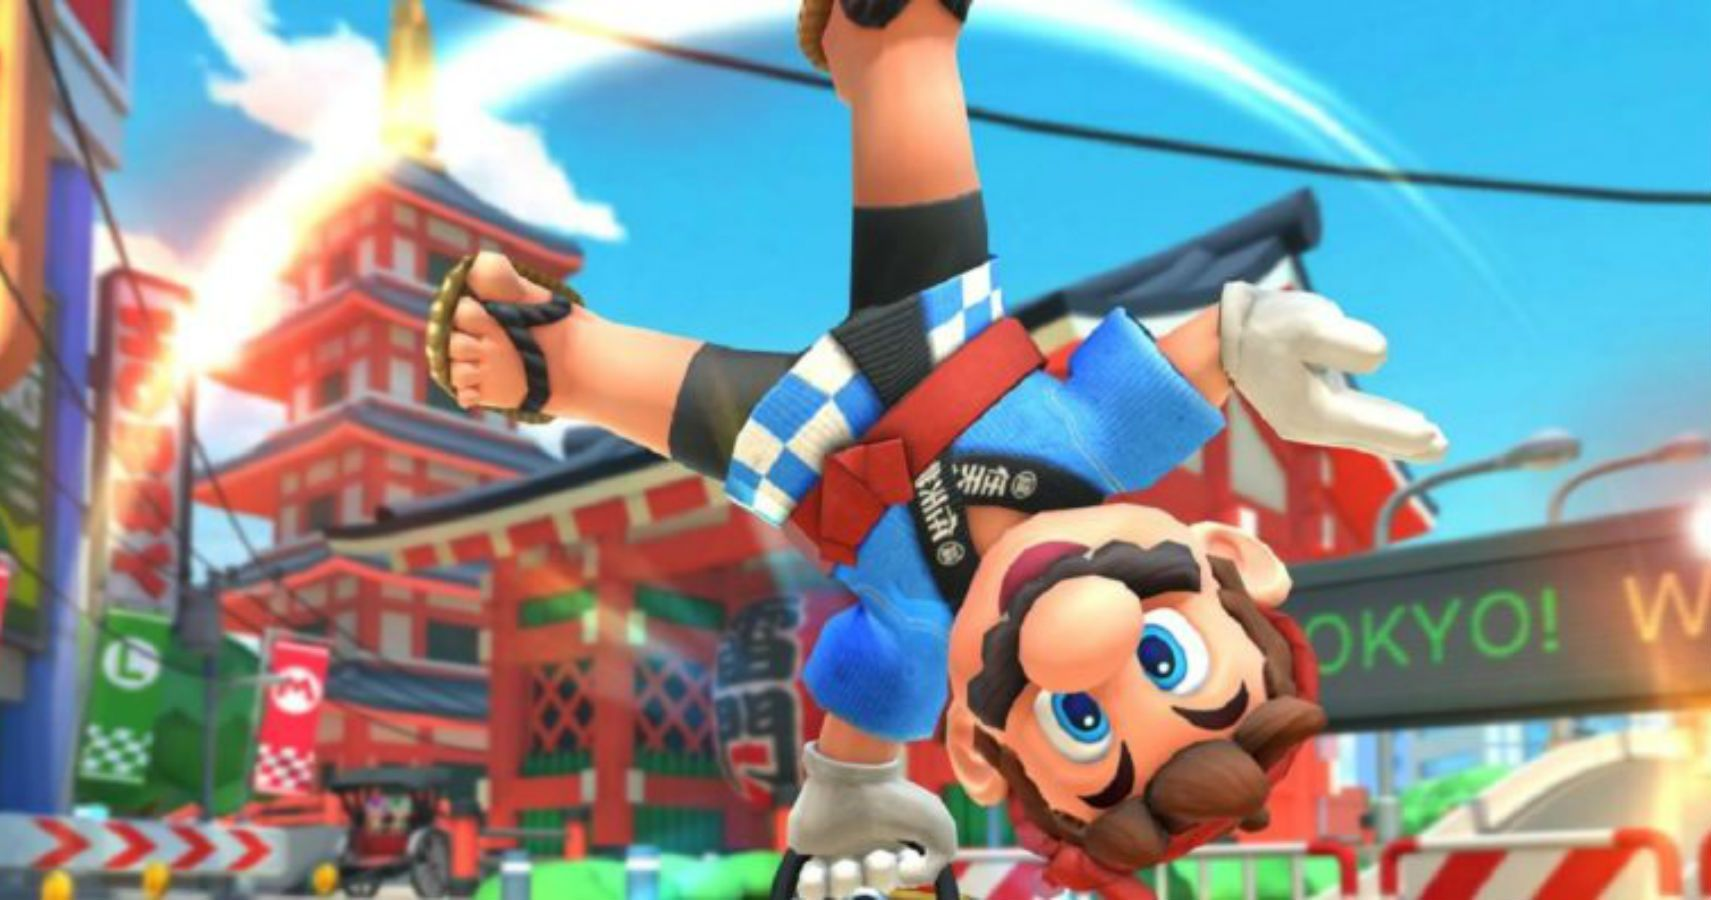 How To Find Hit Mario Kart Tour S Kadomatsu Thegamer